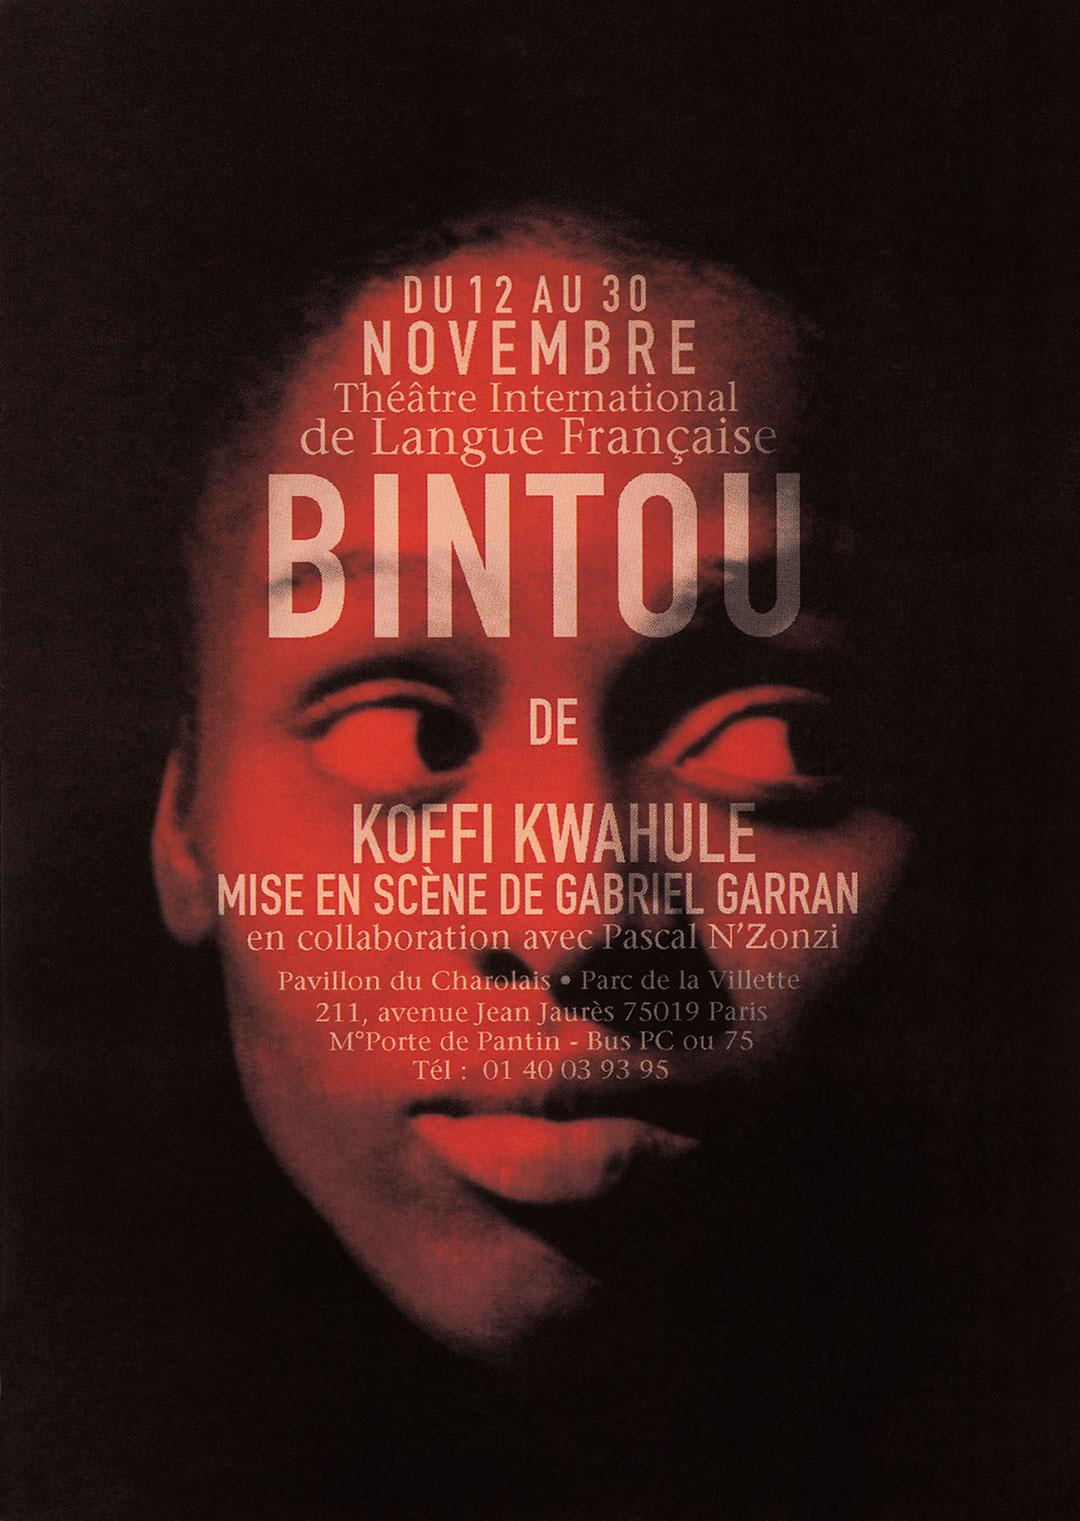 « Bintou, théâtre International, de langue Française (TILF)»<br />affiche de la pièce (40 x 60 cm), avec Martin Verdet, 1998<br />affiche publiée dans «L'histoire du graphisme en France» de Michel Wlassikoff, édition Carré, UCAD